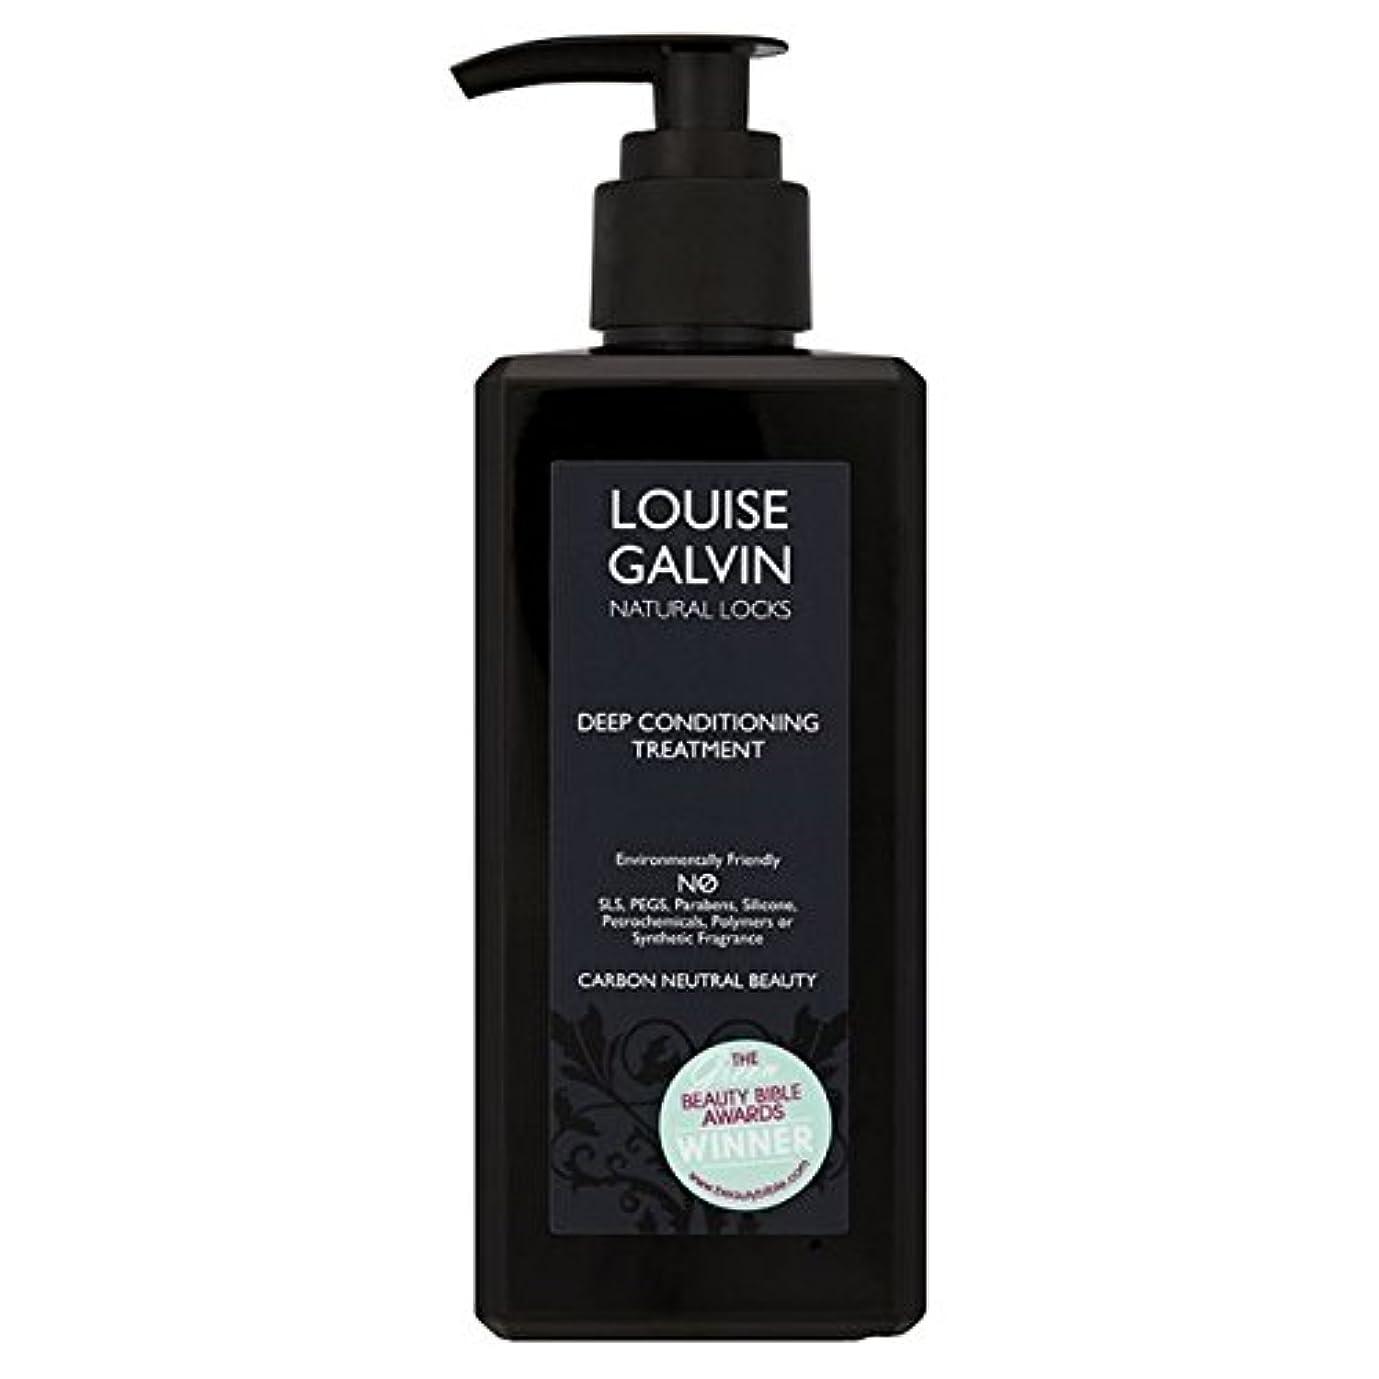 罪効能ある精神Louise Galvin Pure Shine Conditioner For Normal Hair 300ml - ノーマルヘア300ミリリットルのためのルイーズガルビン純粋な輝きコンディショナー [並行輸入品]